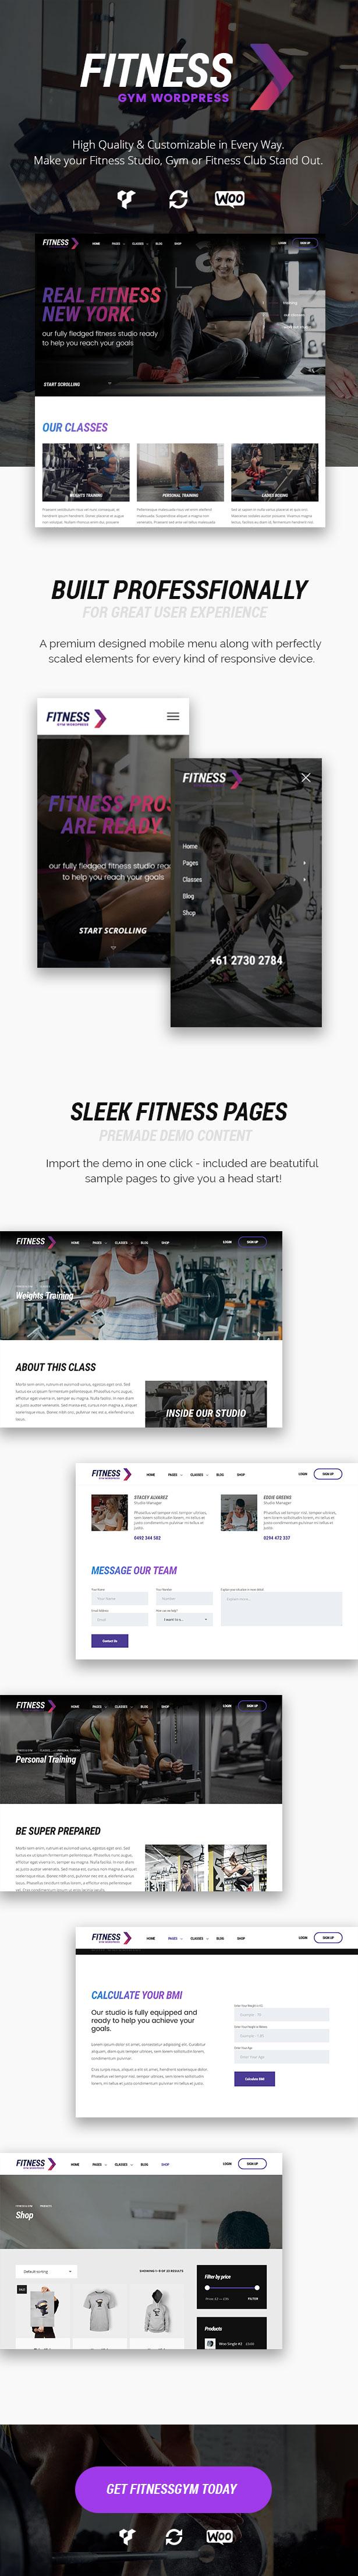 Fitness Gym - Personal Trainer & Gym WordPress Theme - 1